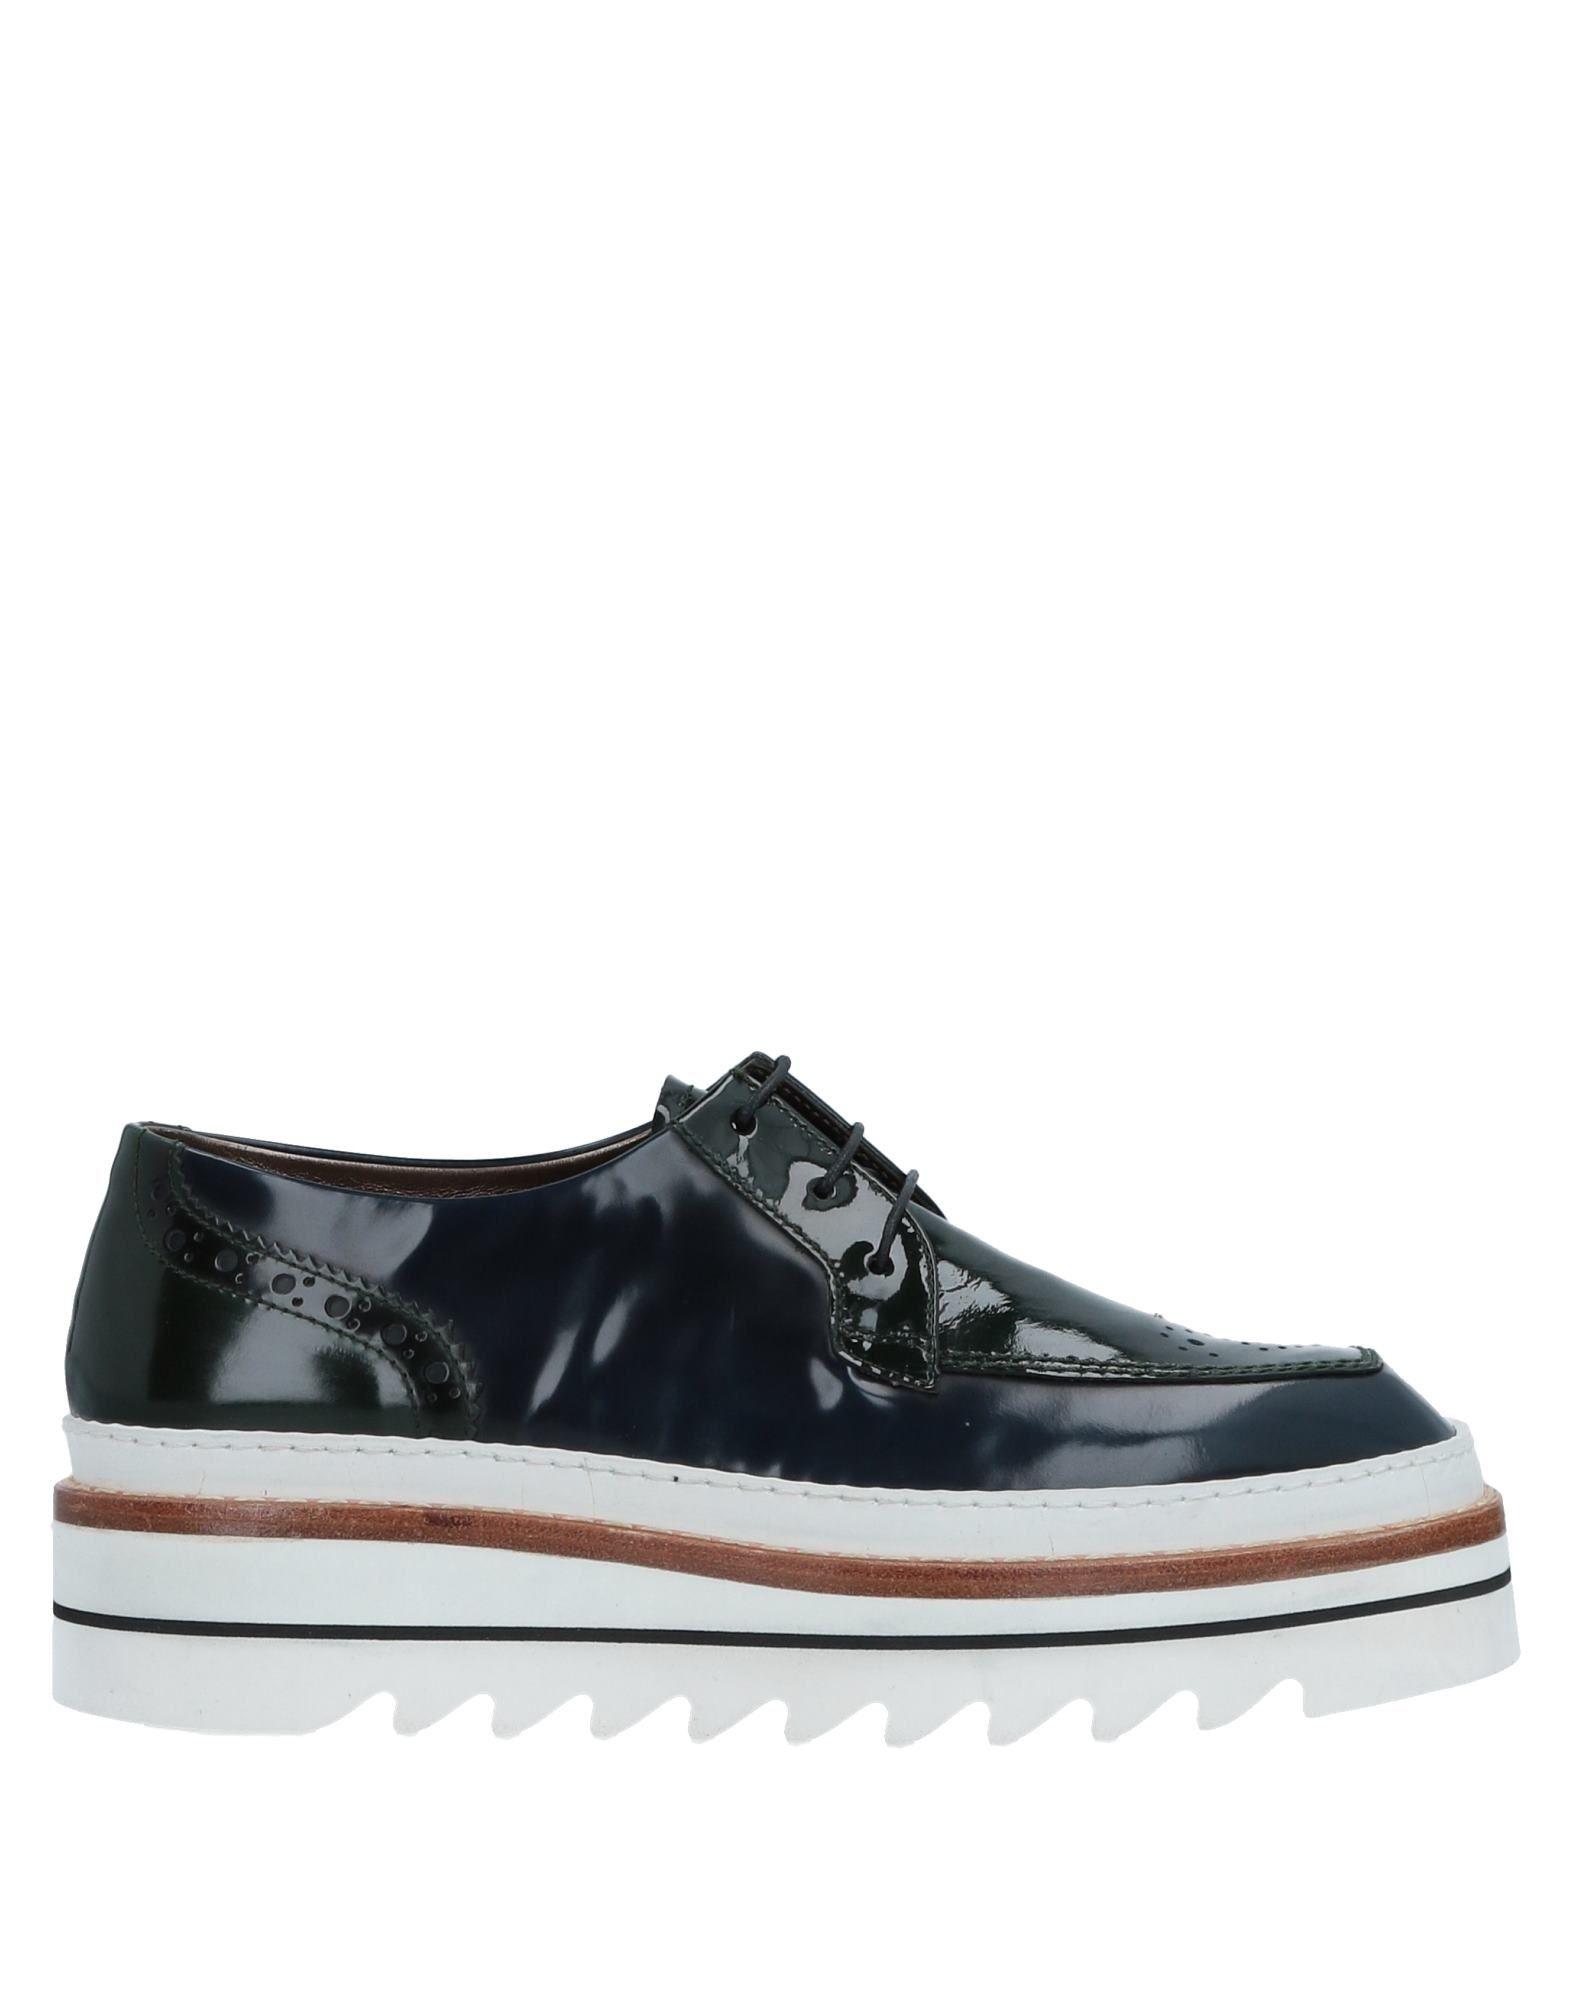 Zapato De Cordones - Barracuda Mujer - Cordones Zapatos De Cordones Barracuda f8a3a6